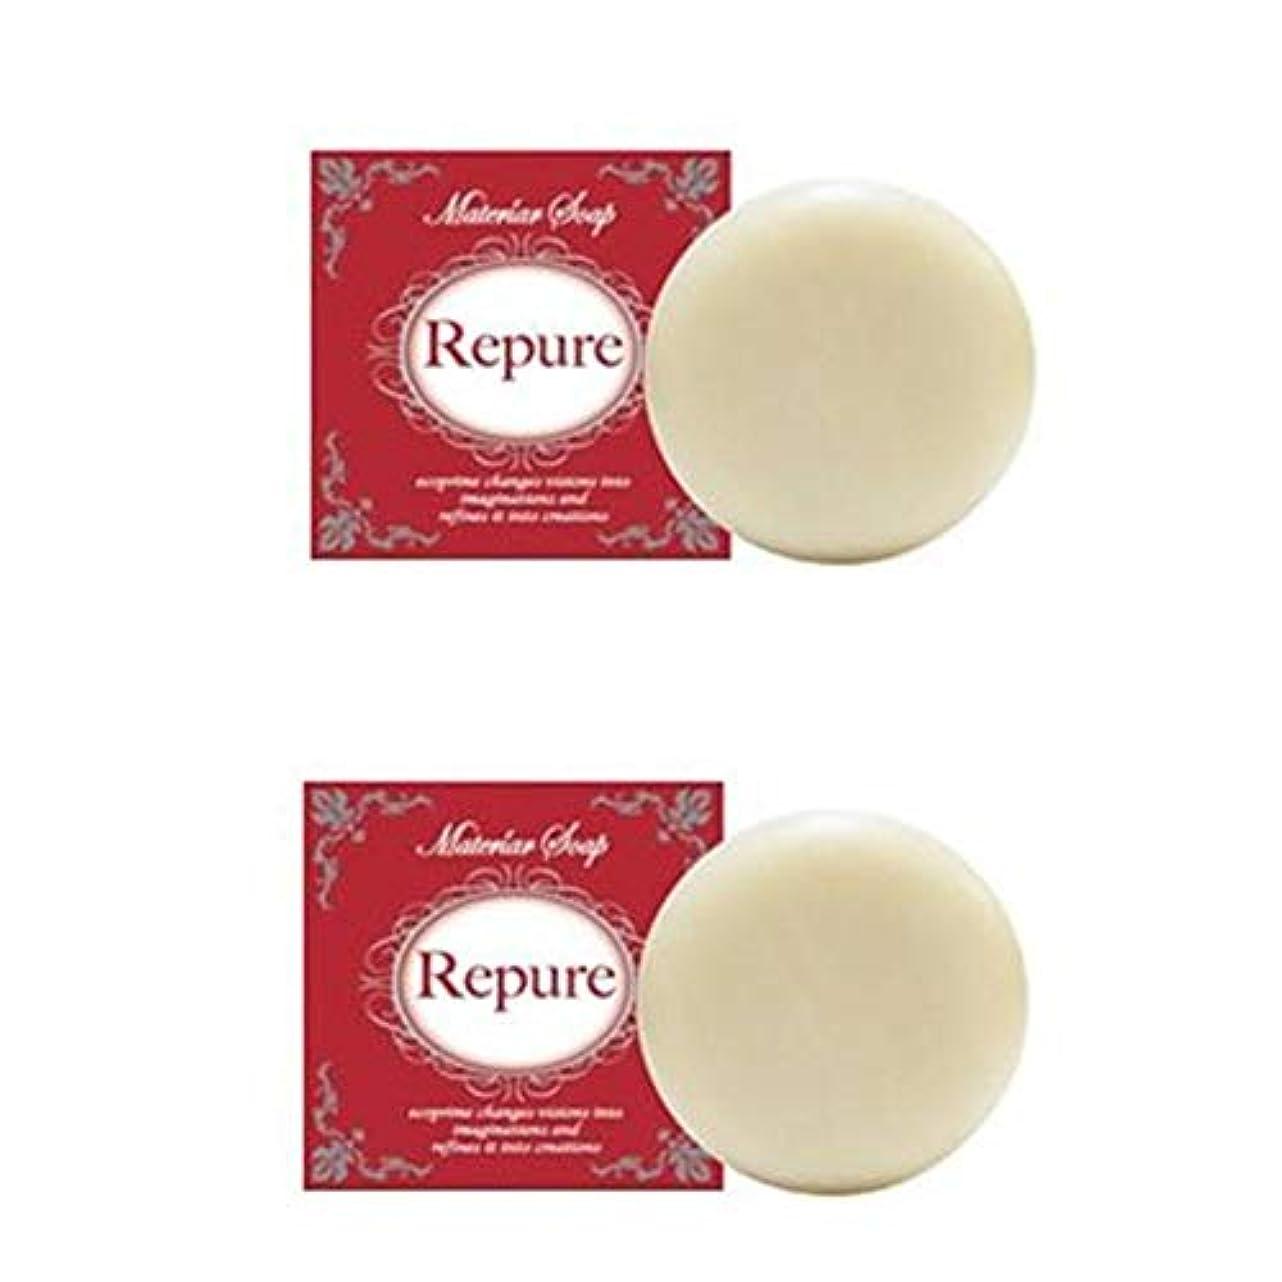 こねる飲料ホーム【2個セット】マテリアソープ Repure(リピュア)? 2個セット 日本ネオライズ